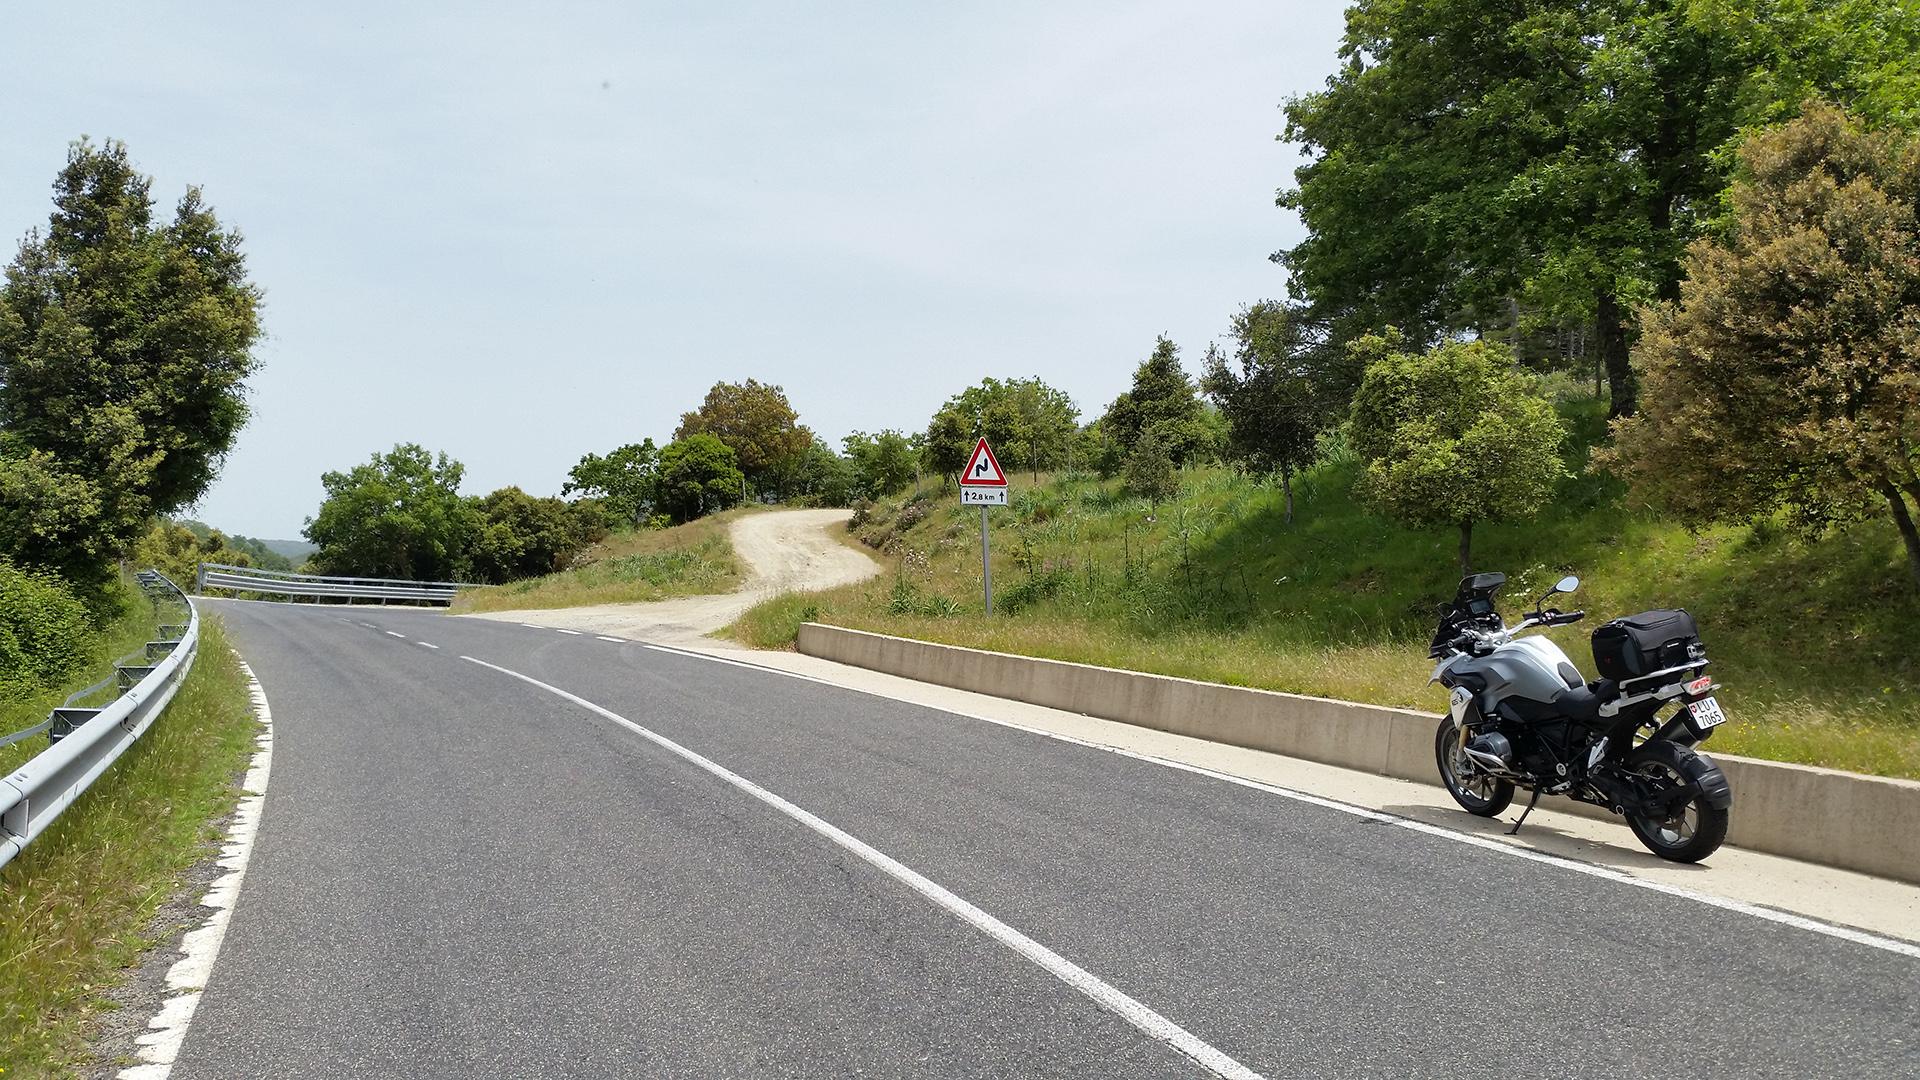 0918 - I (Sardegna) - Valico s'isca de sa Mela